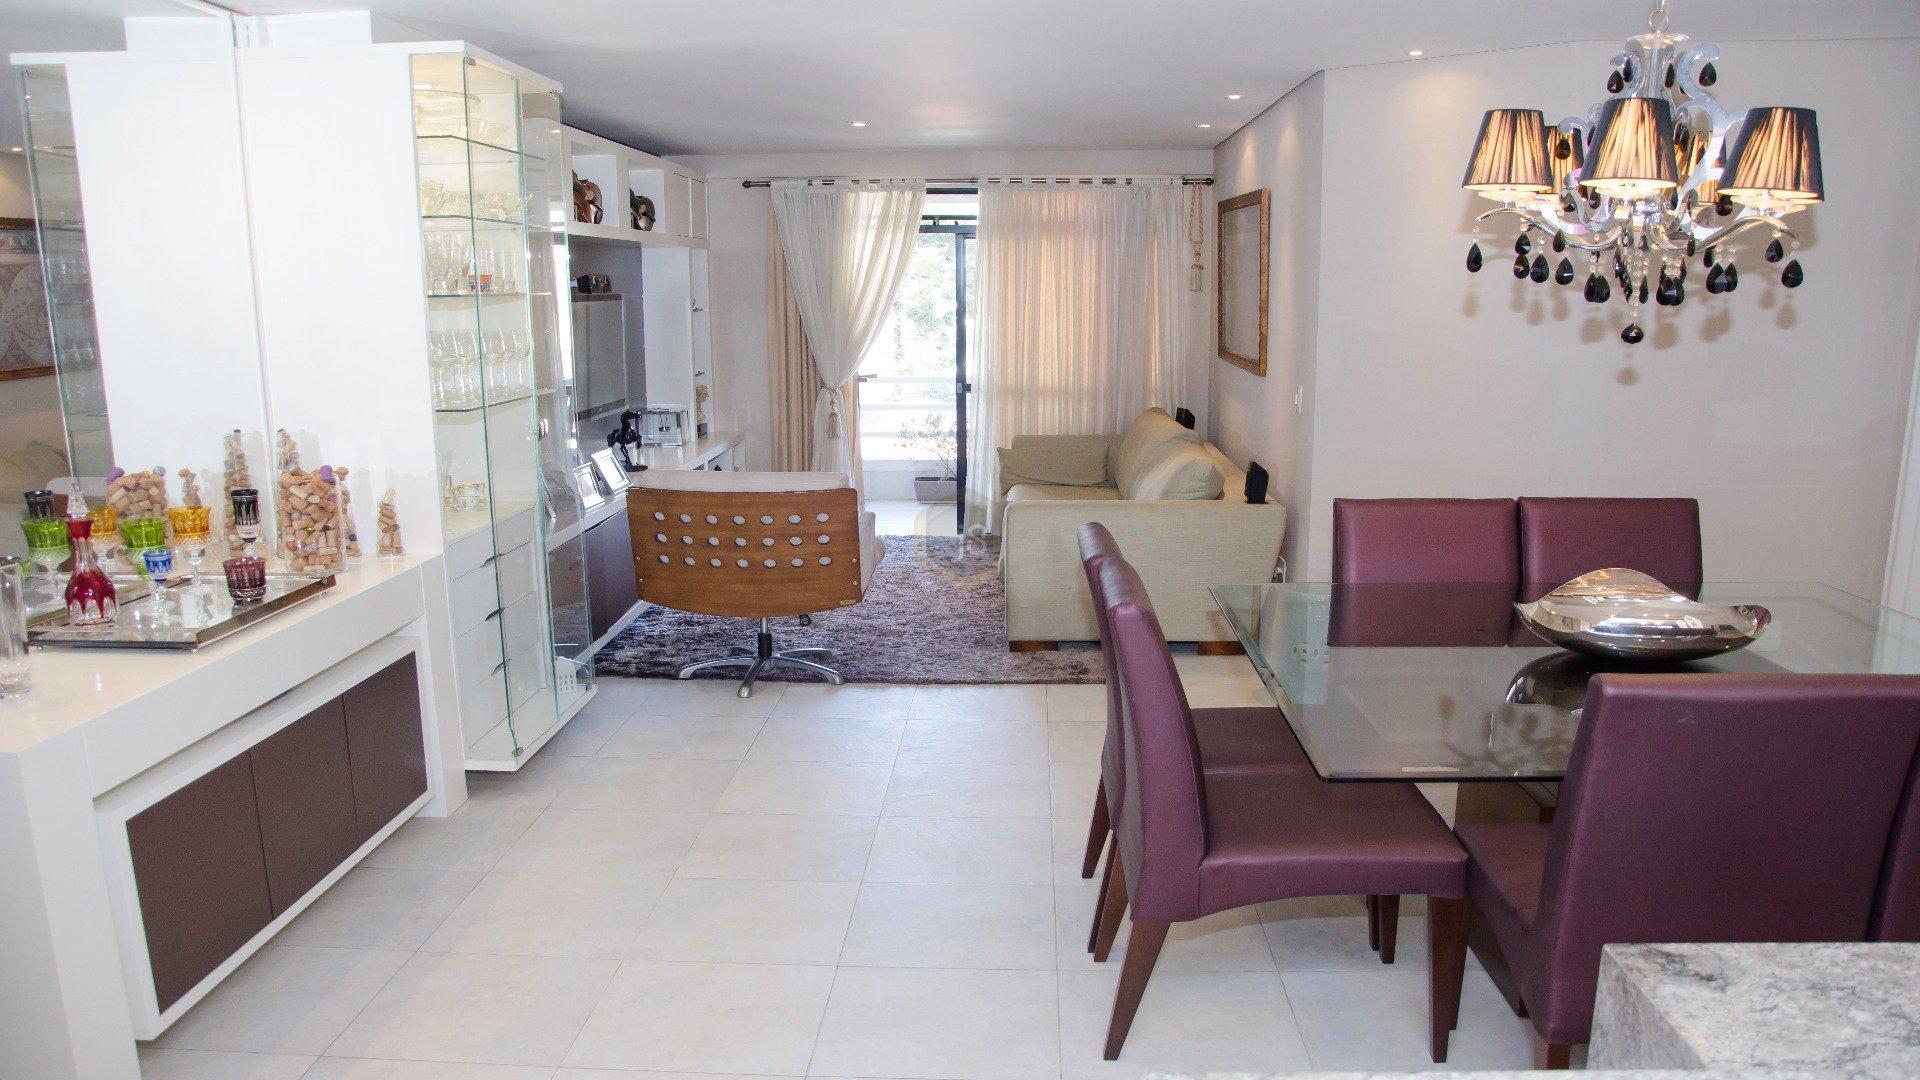 Foto de destaque Apartamento confortável com amplos quartos